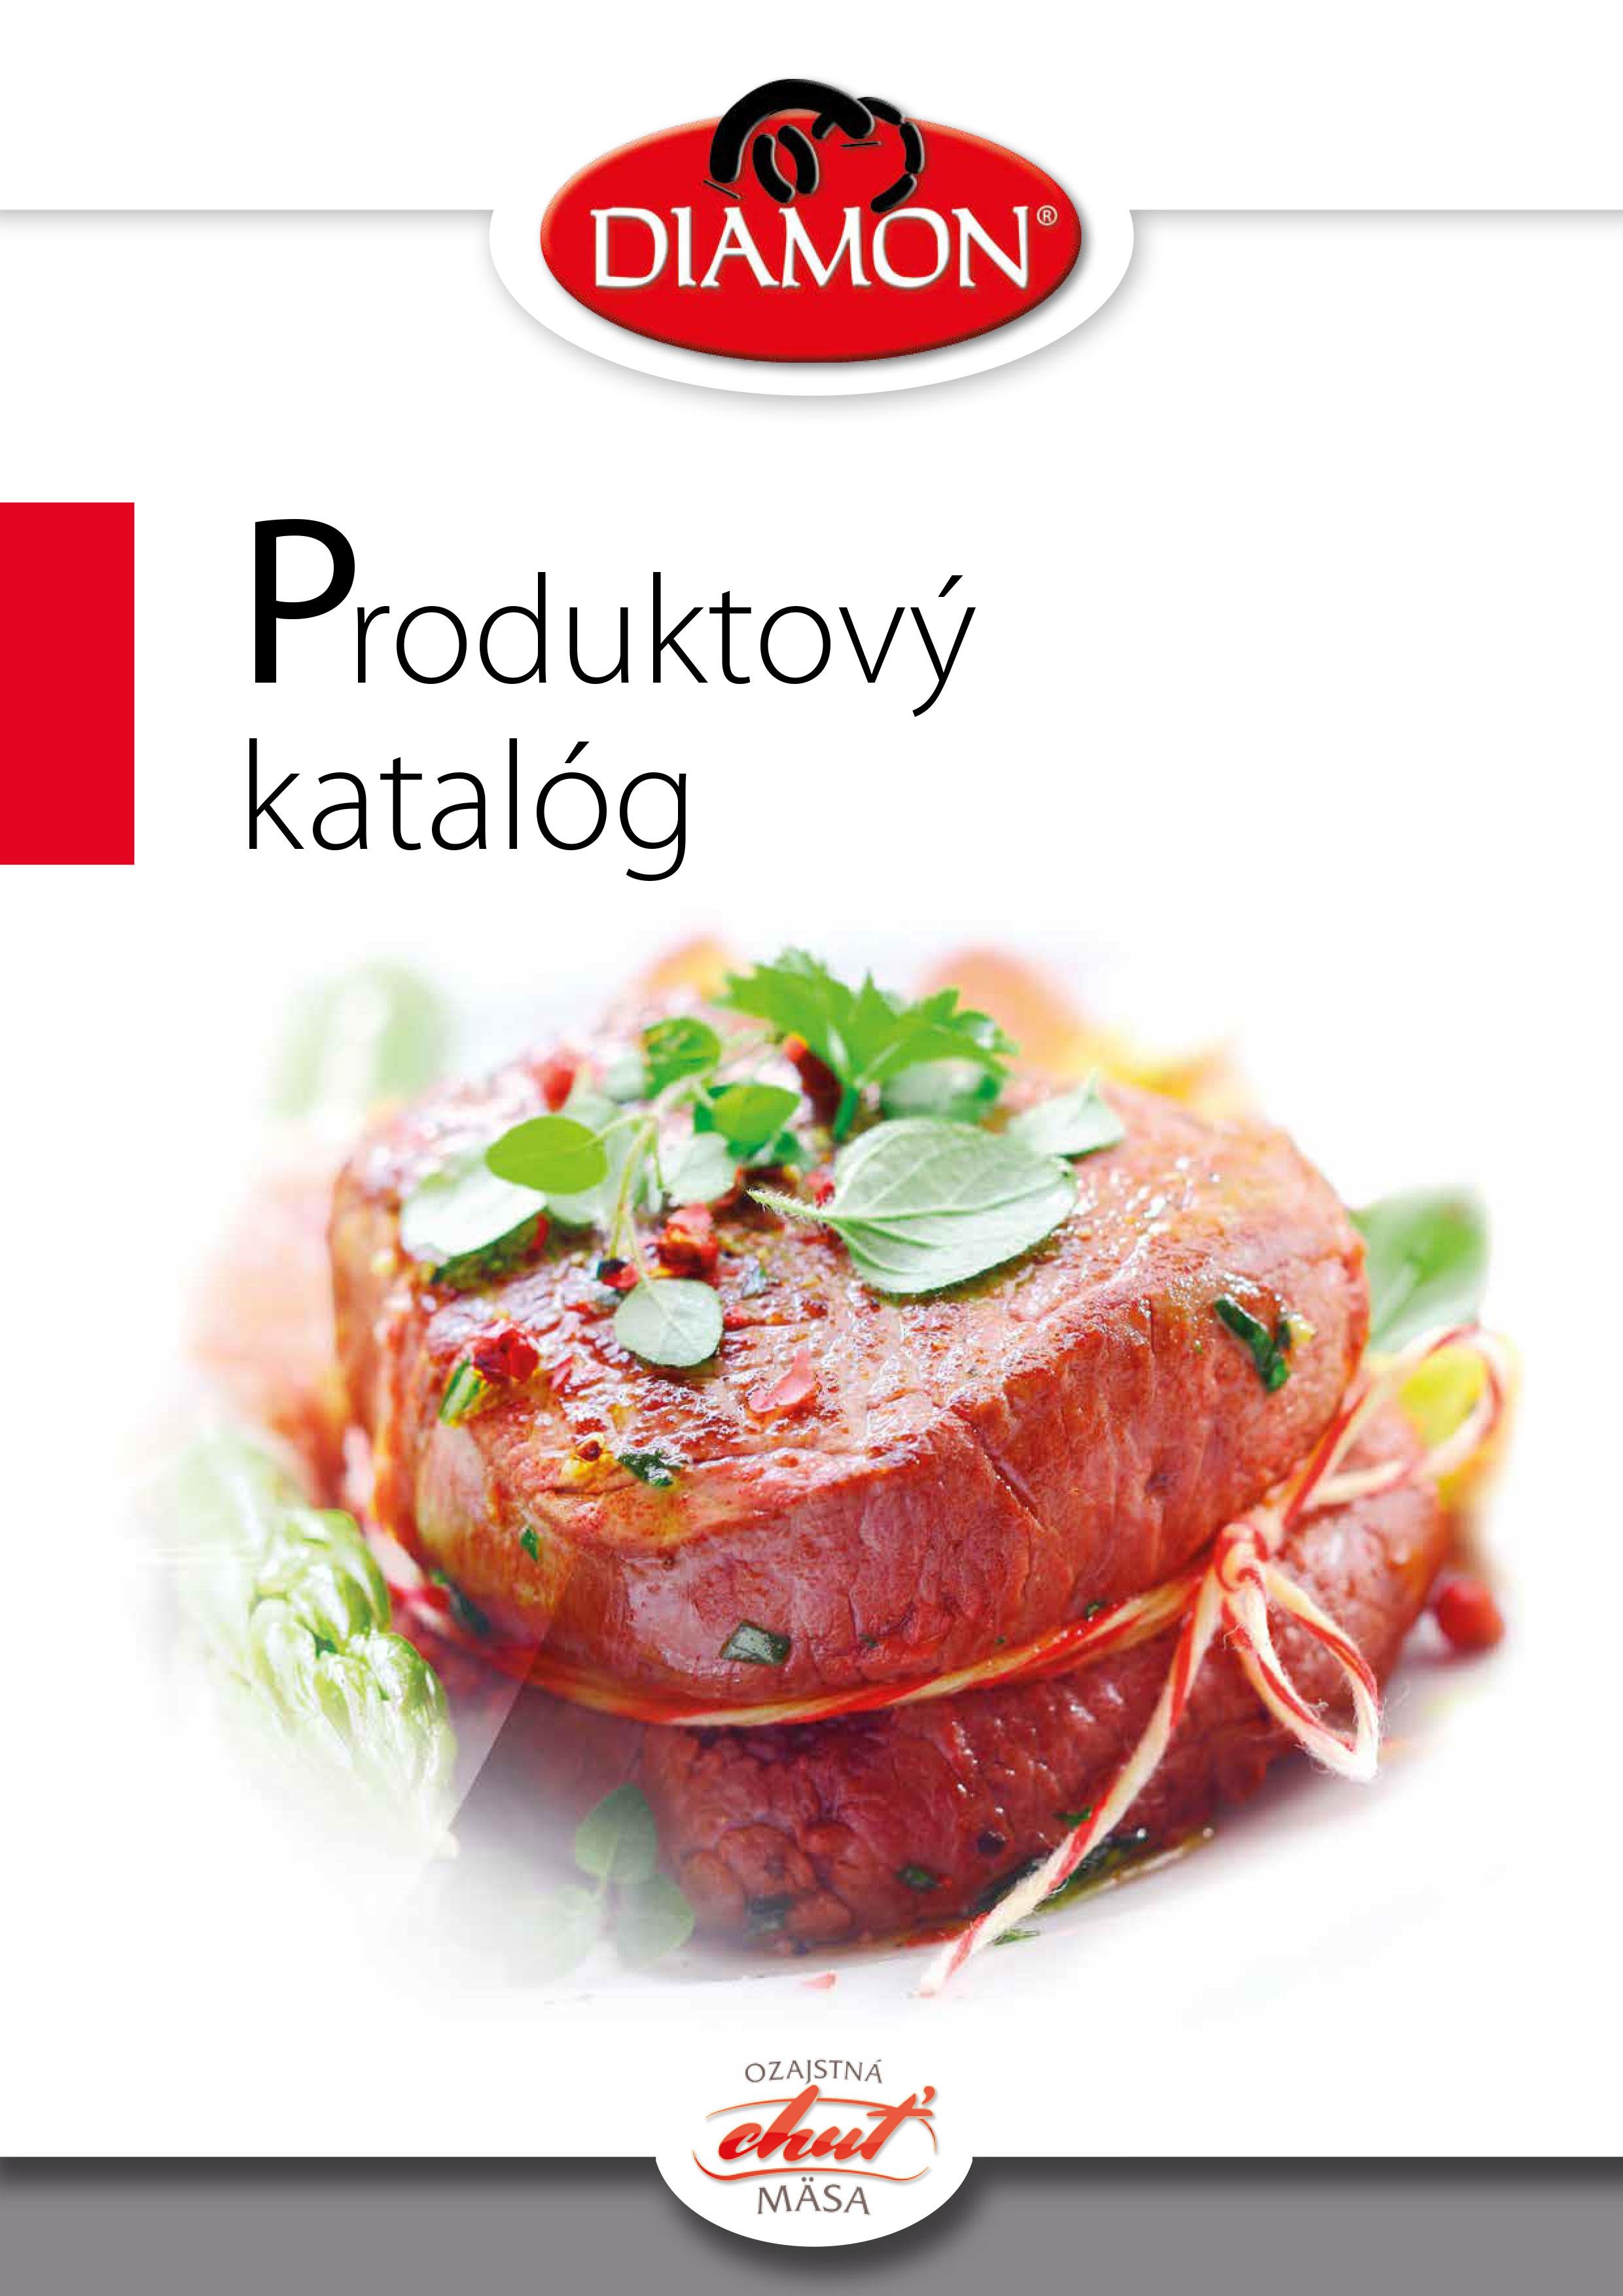 Diamon_produktovy-katalog_NOVY_nahlad-1